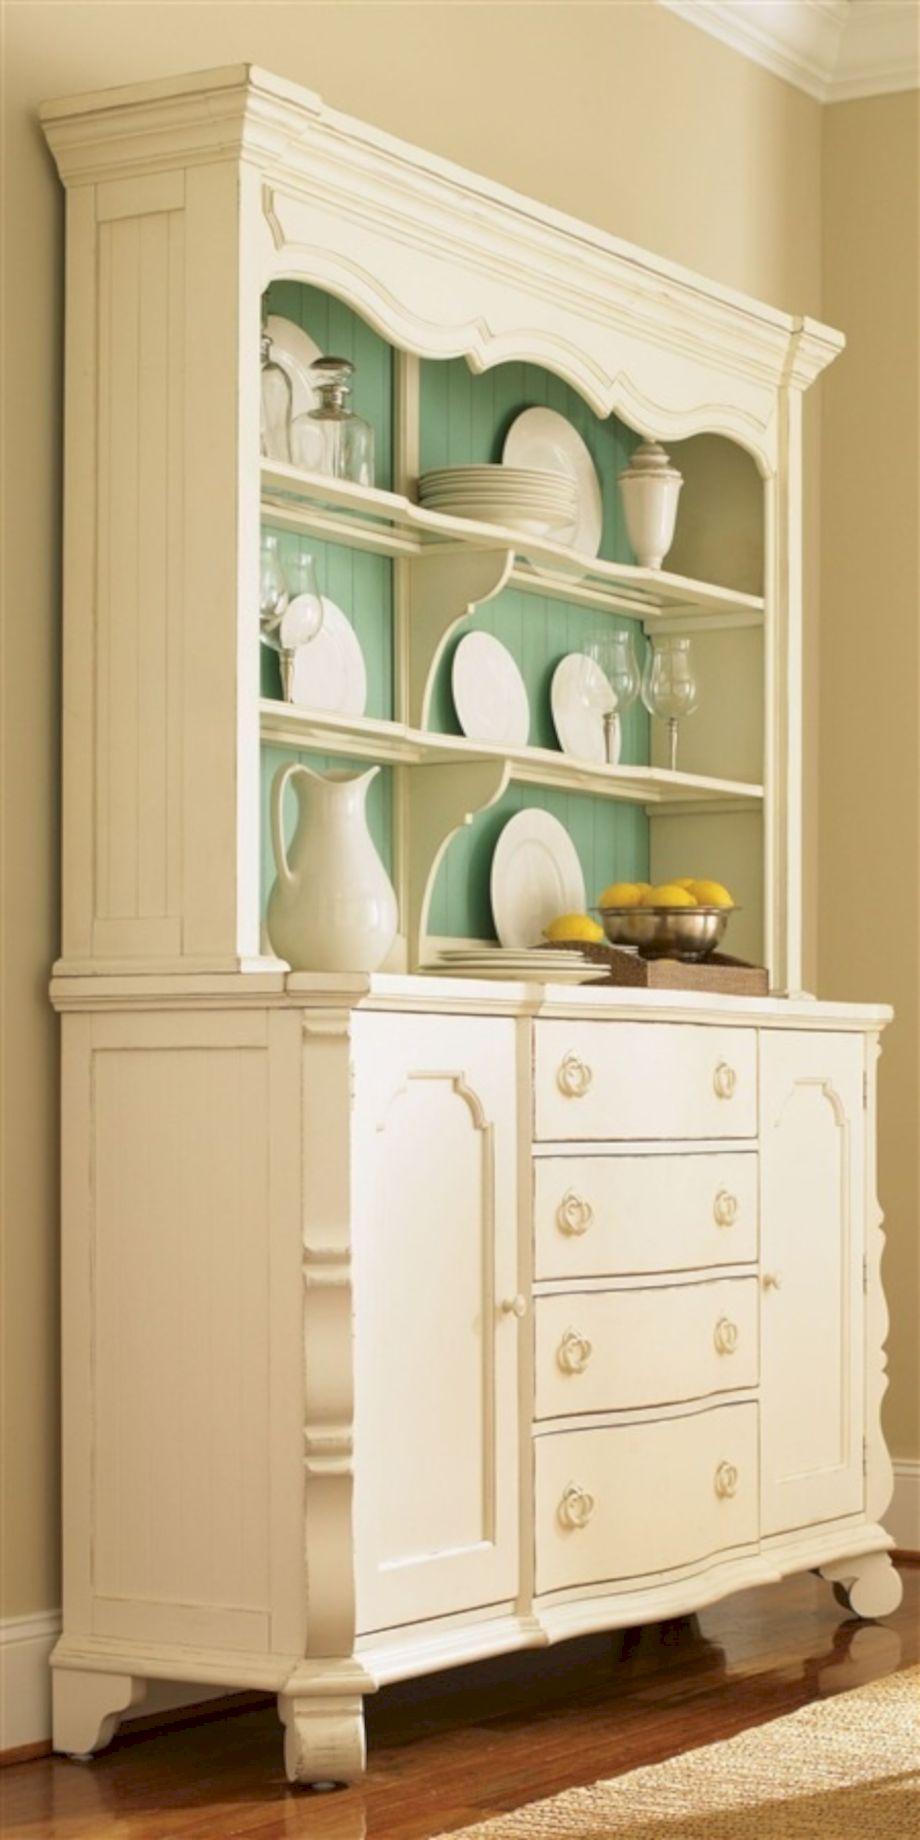 Tone furniture painting design 21